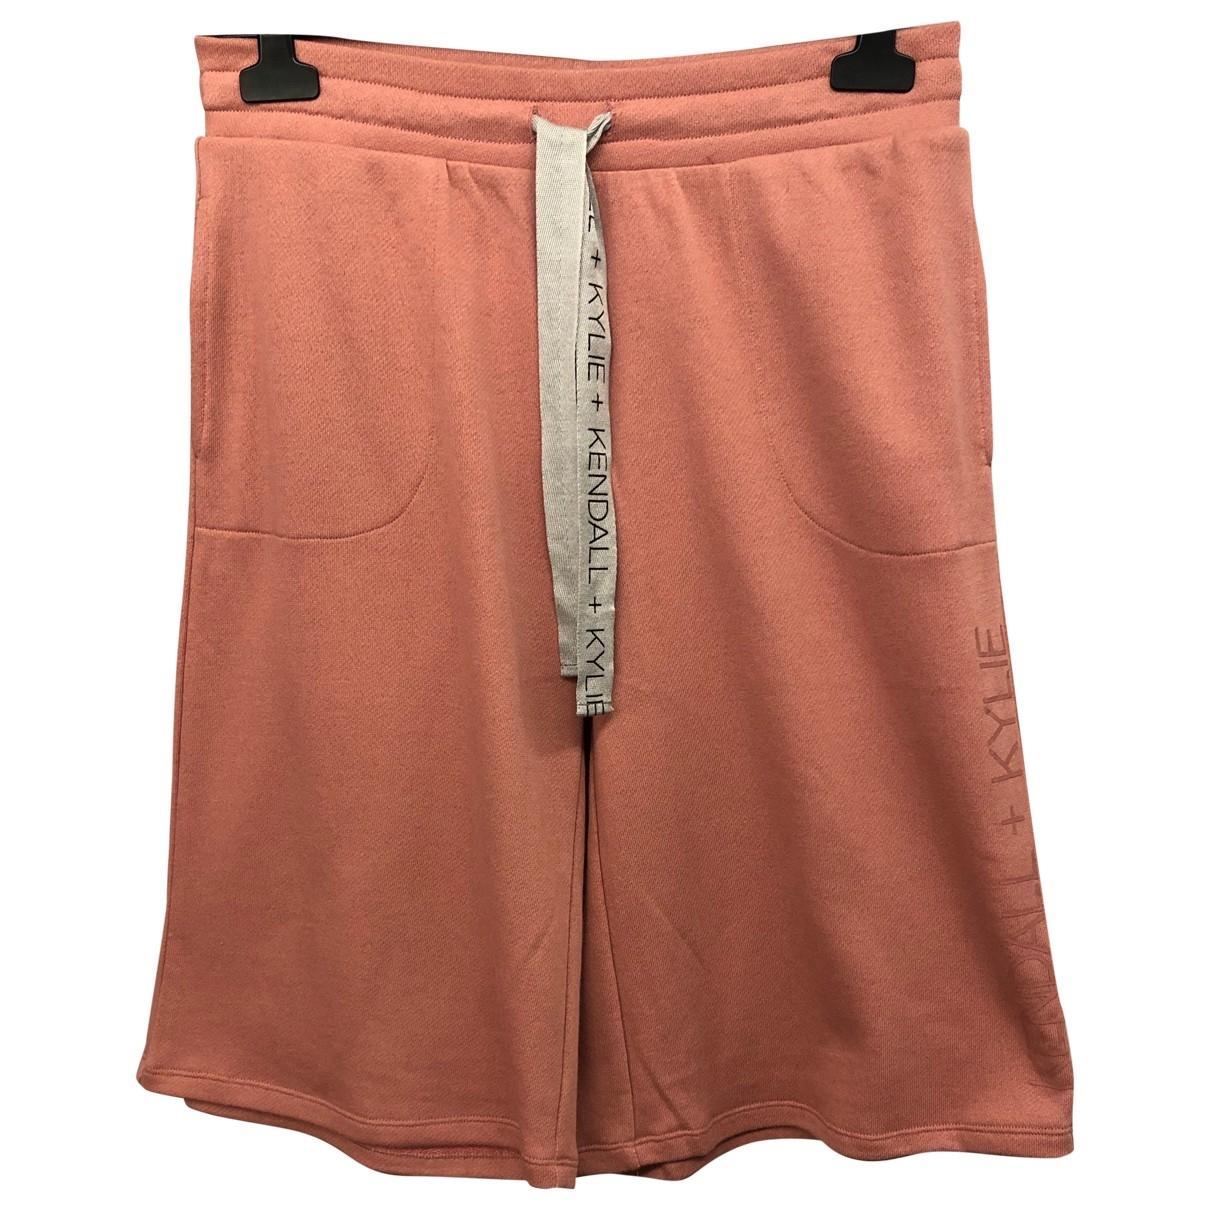 Kendall + Kylie - Short   pour femme en coton - rose